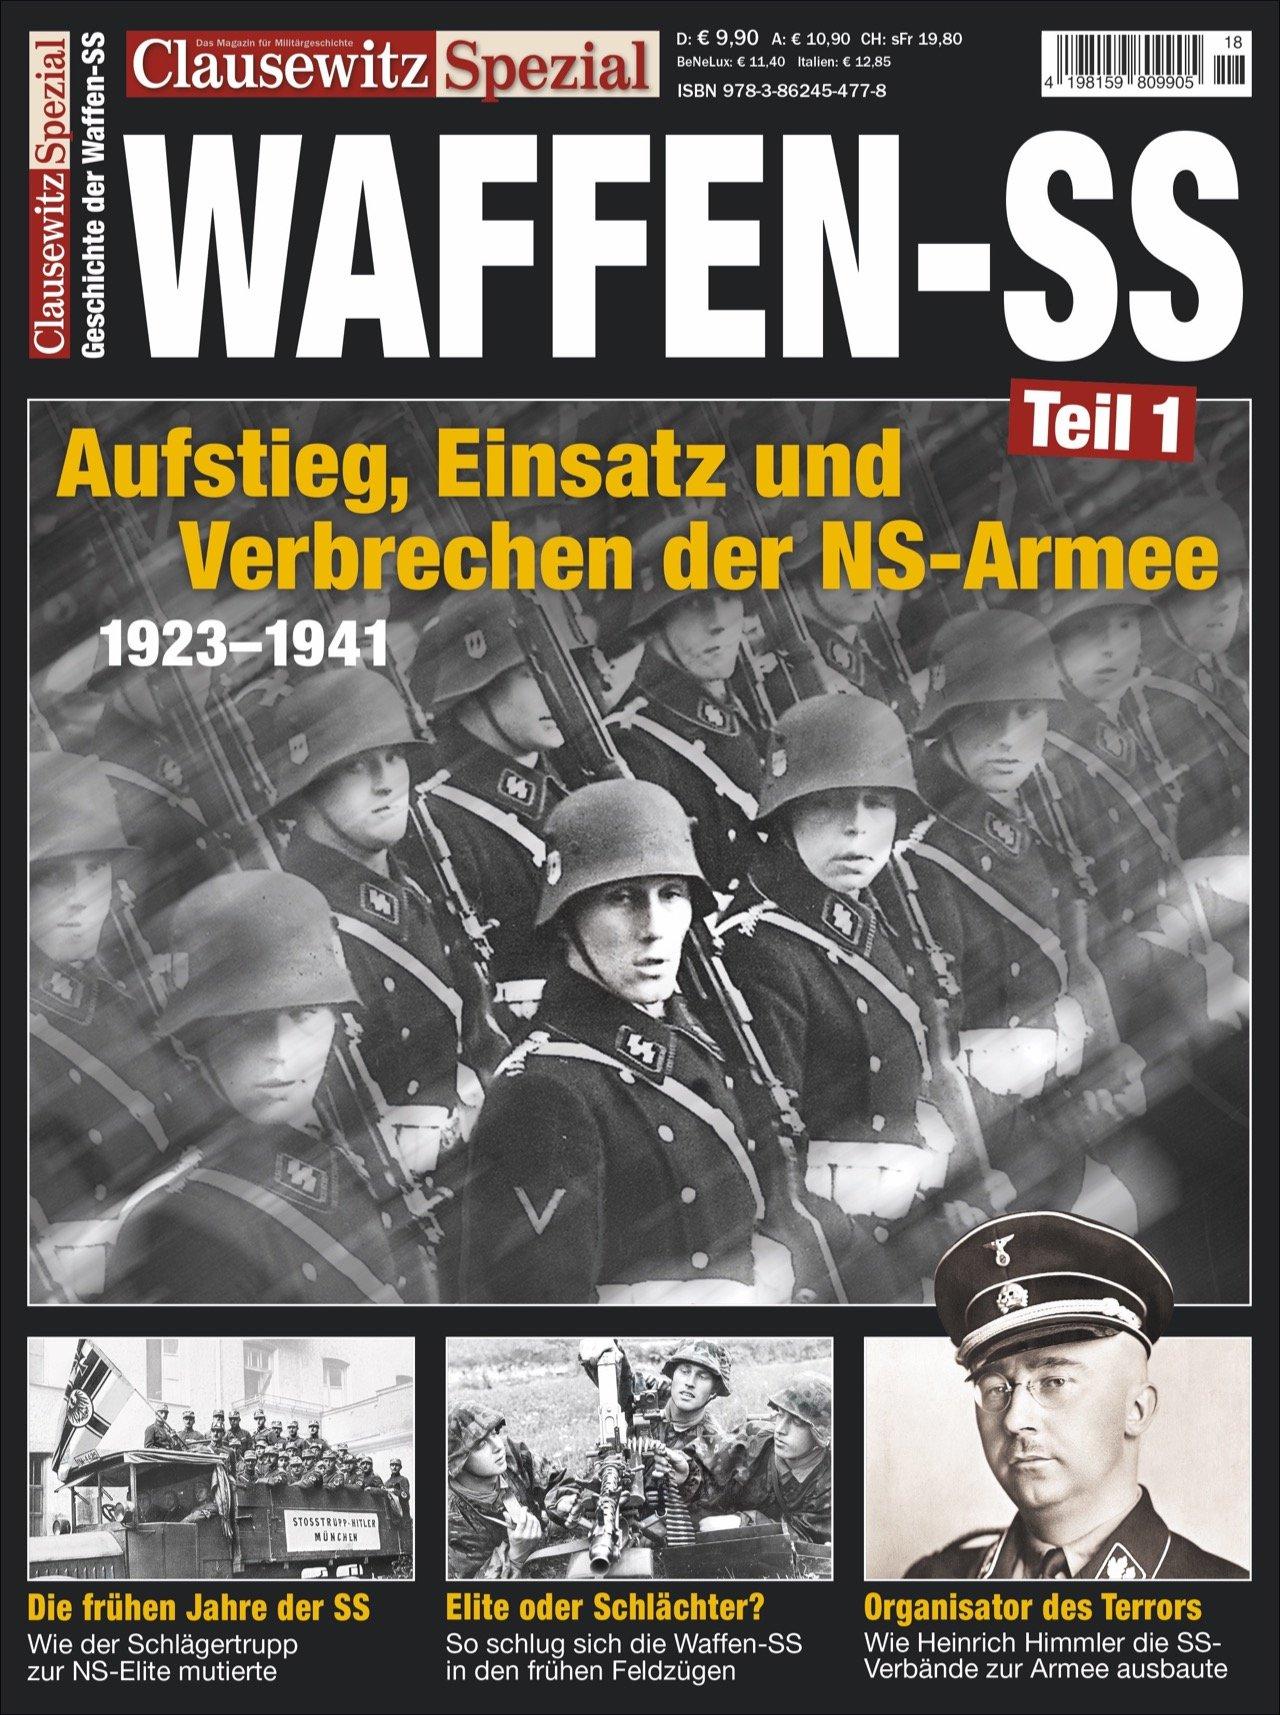 Die Waffen-SS. Clausewitz Spezial 18. Broschiert – 14. August 2017 Stefan Krüger Geramond Verlag GmbH 3862454770 Geschichte / 20. Jahrhundert